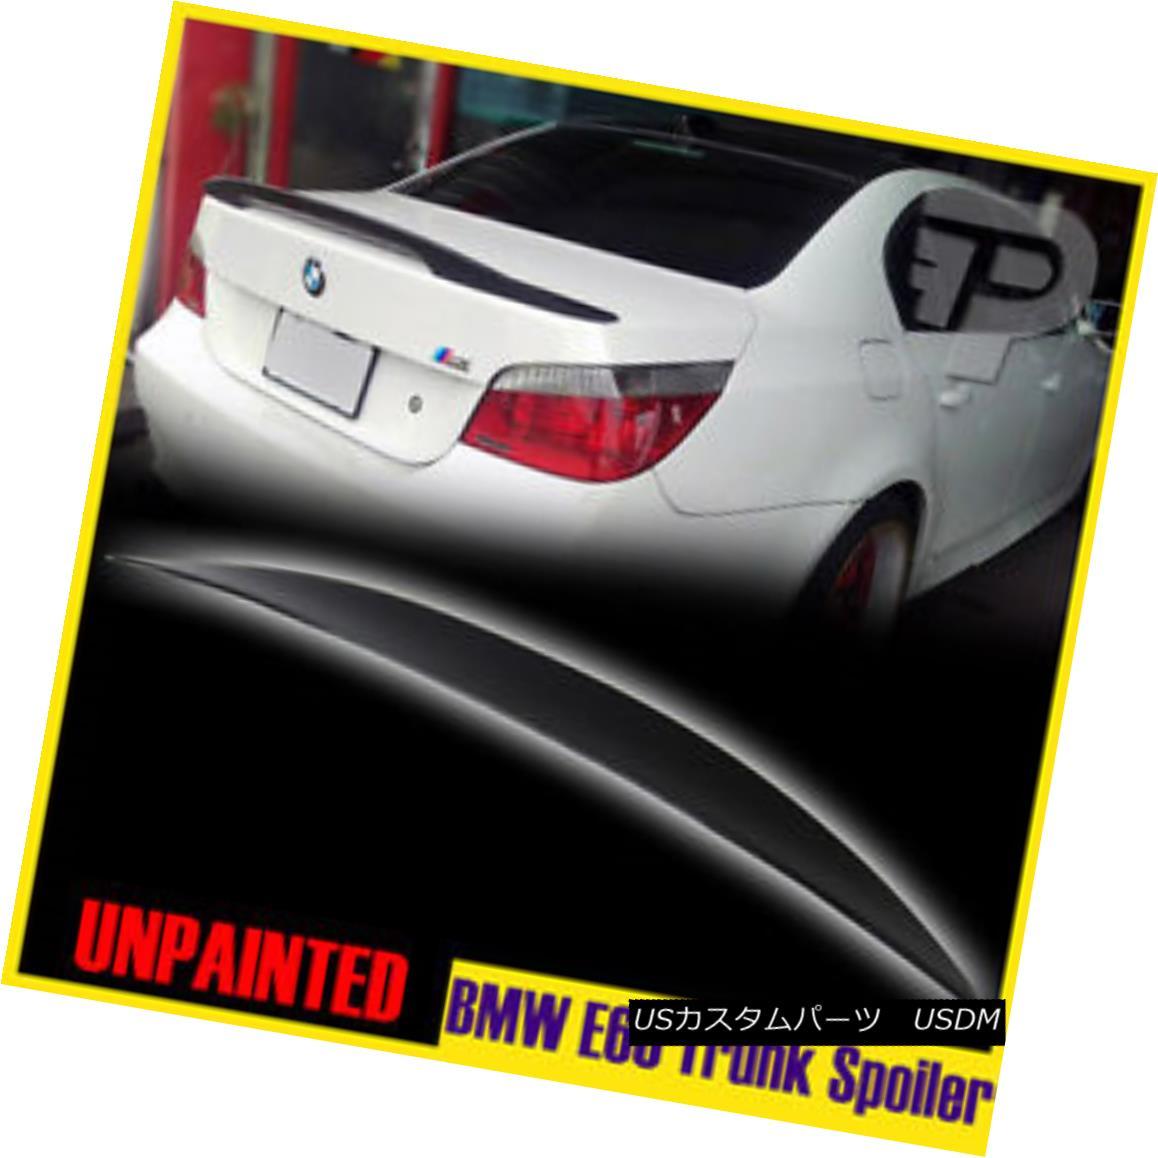 エアロパーツ Unpainted High Kick BMW 5-Series E60 4D Performance-Look Rear Trunk Spoiler 2010 未塗装ハイキックBMW 5シリーズE60 4Dパフォーマンスロウokリアトランク・スポイラー2010